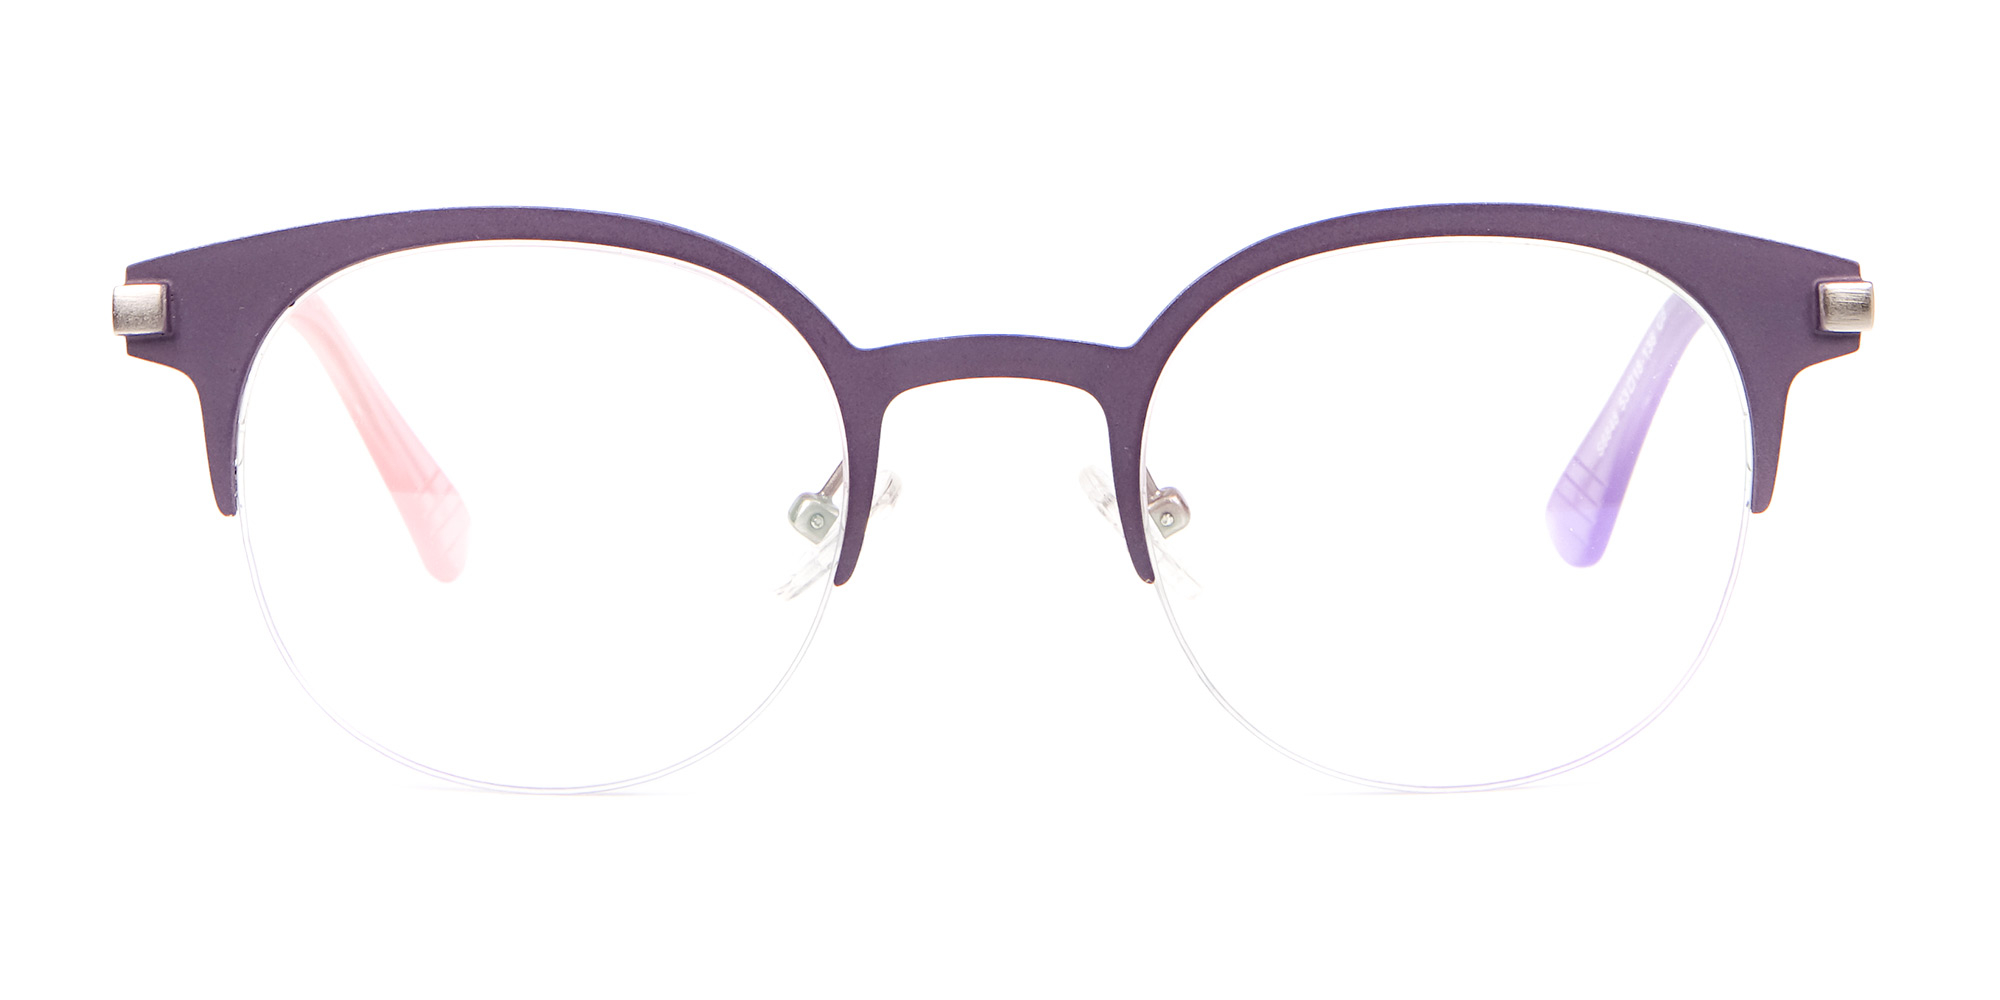 Violet Purple Browline Glasses in Half-Rim